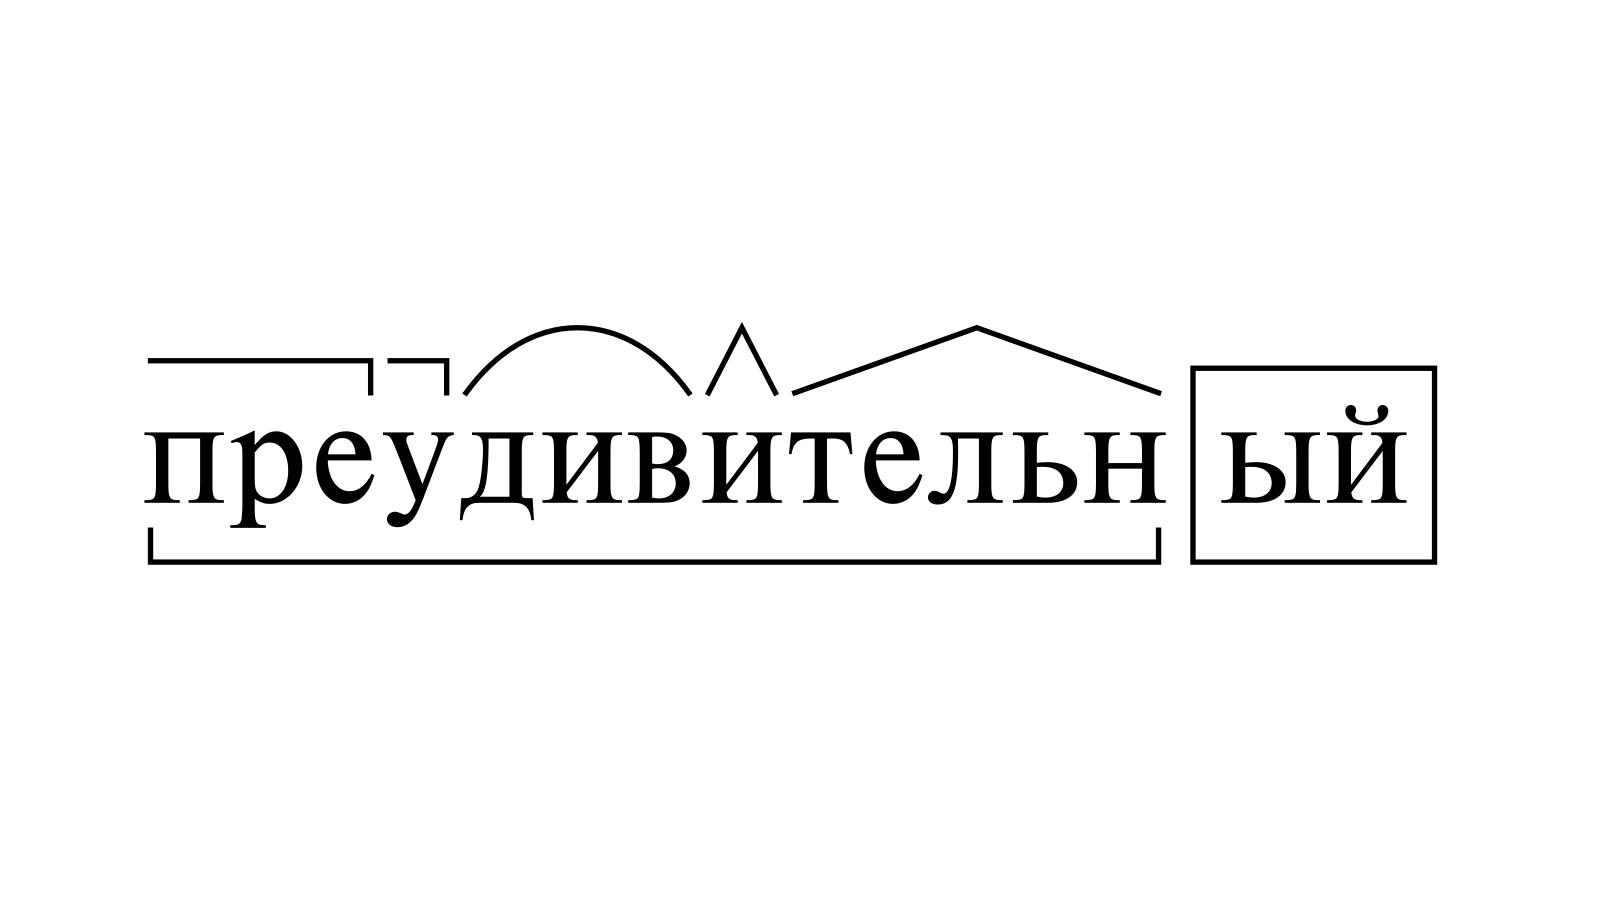 Разбор слова «преудивительный» по составу